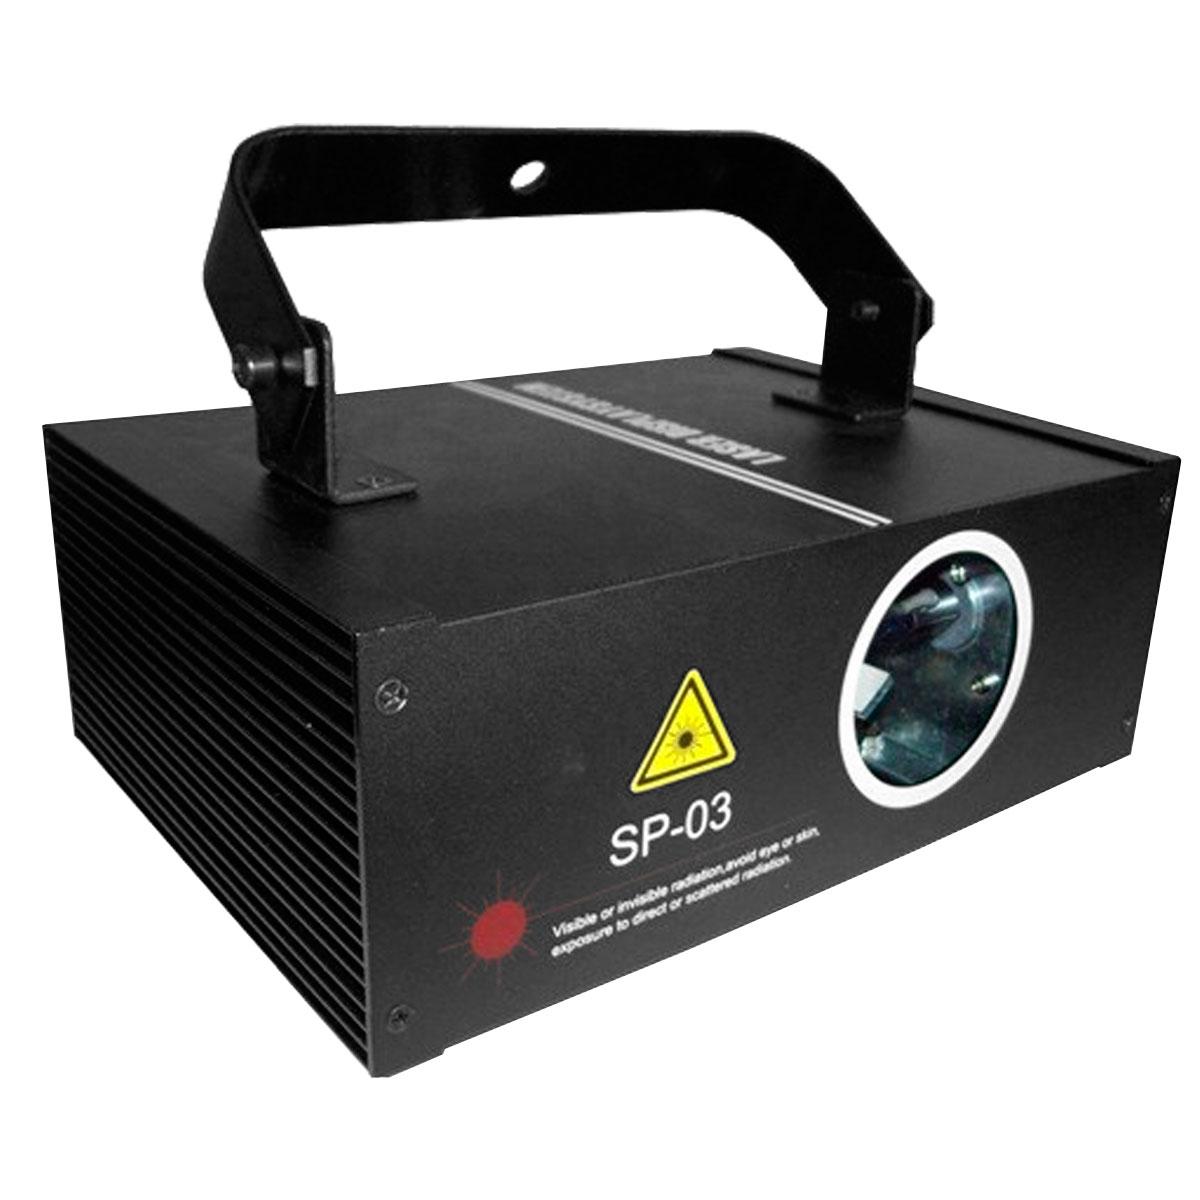 SP03 - Canhão de Laser RGY SP 03 - Spectrum